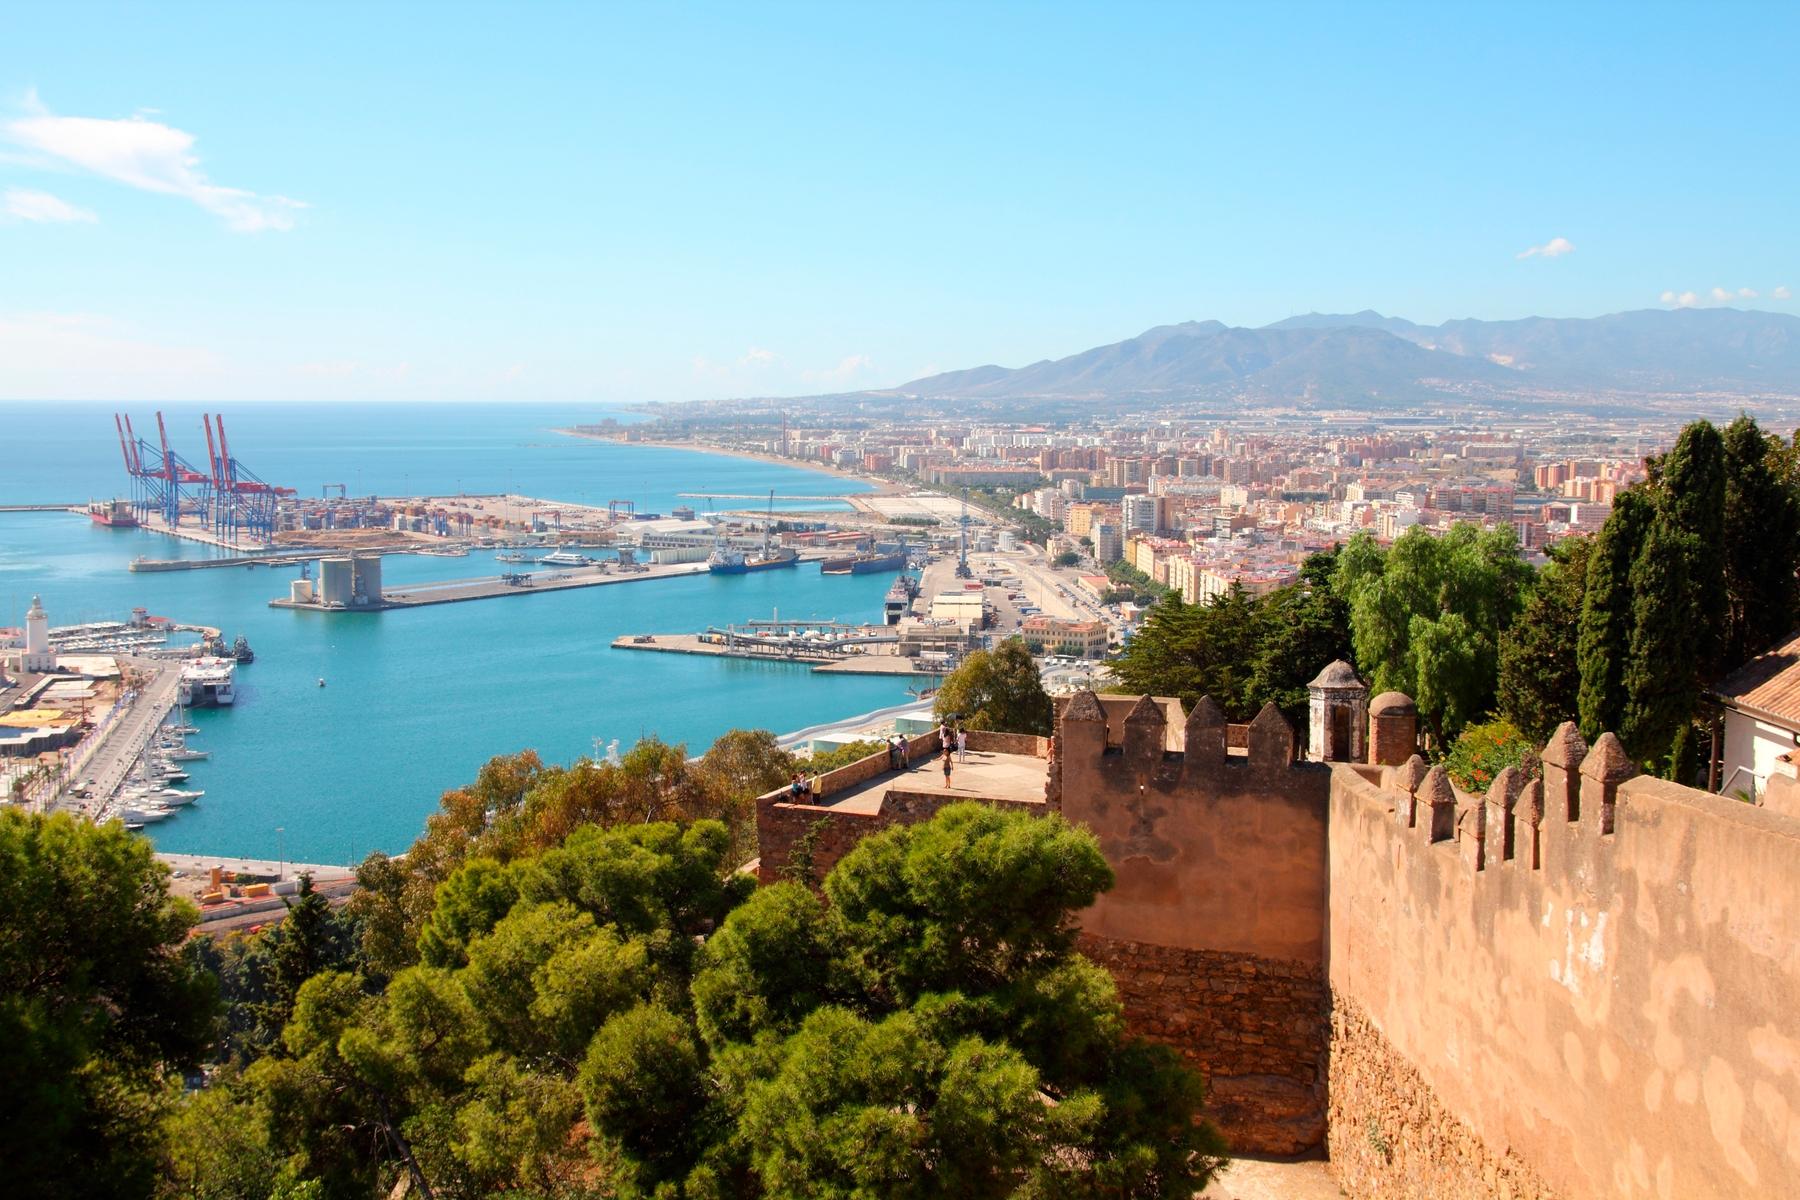 Vacaciones baratas: 17 destinos económicos: Málaga